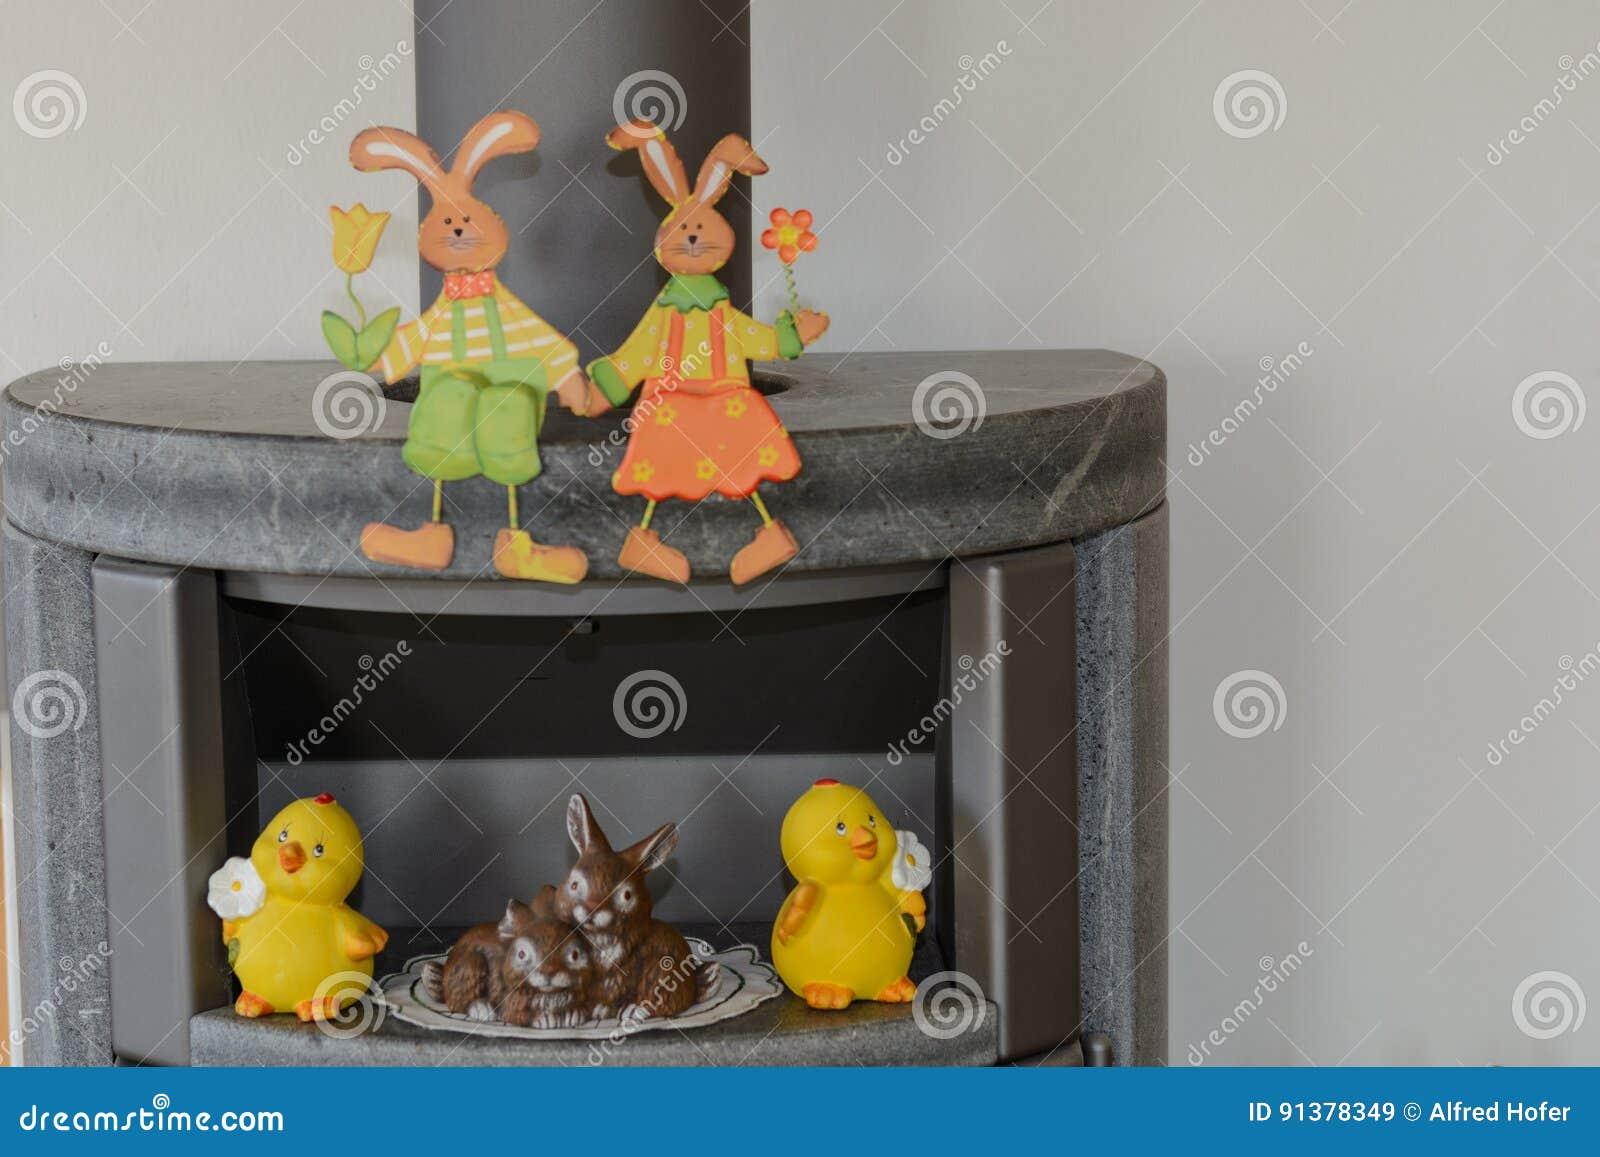 Lapin de Pâques en tant que décoration intérieure